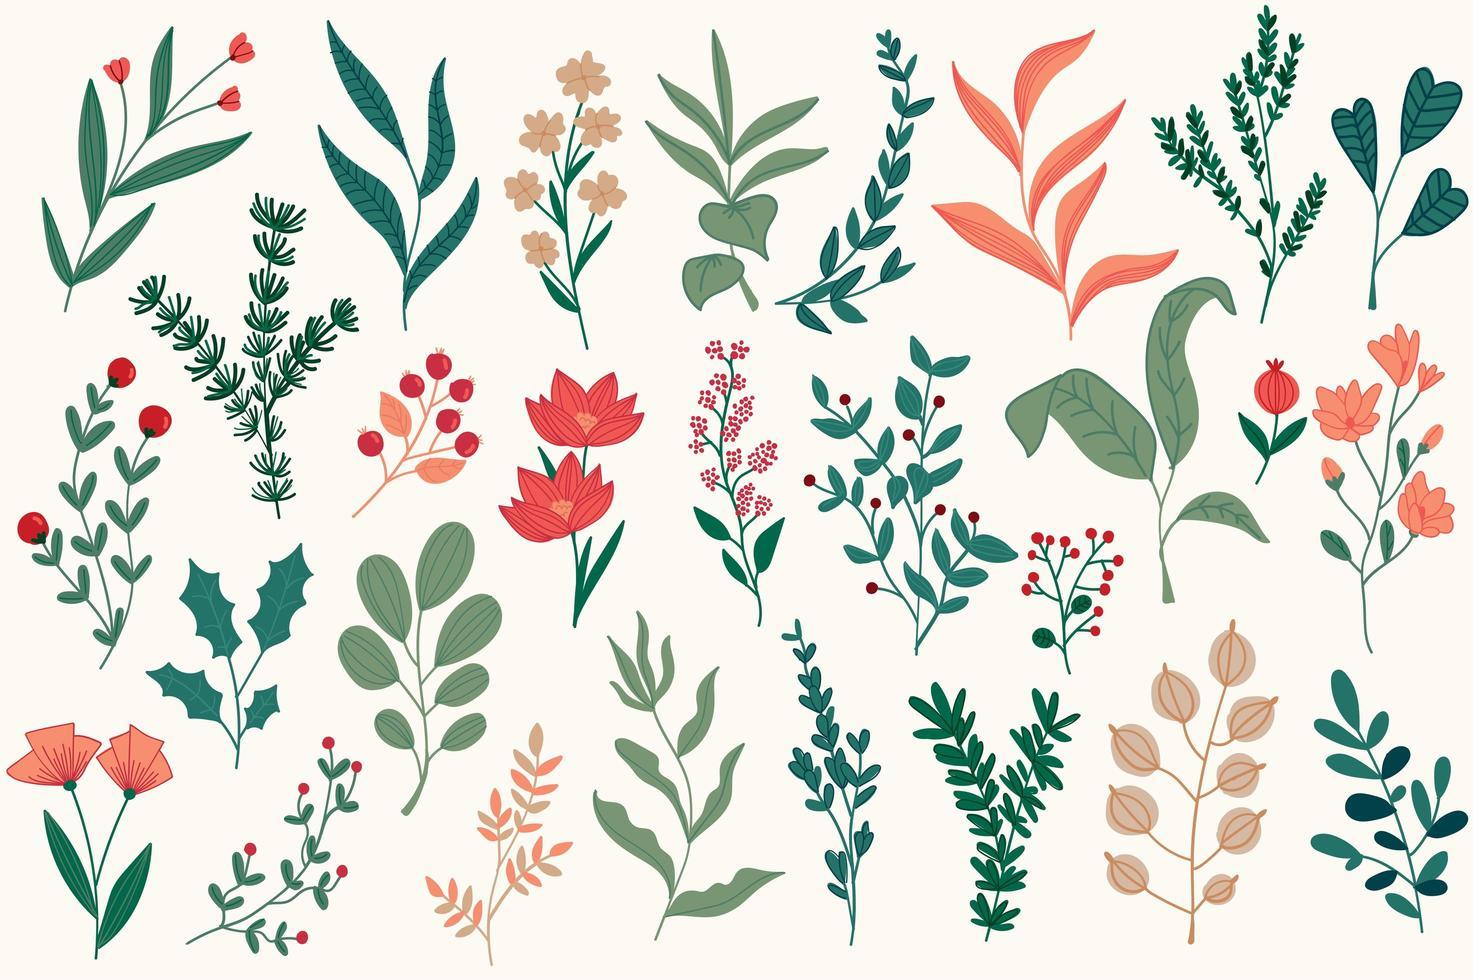 decoraciones florales para postales navideñas. vector